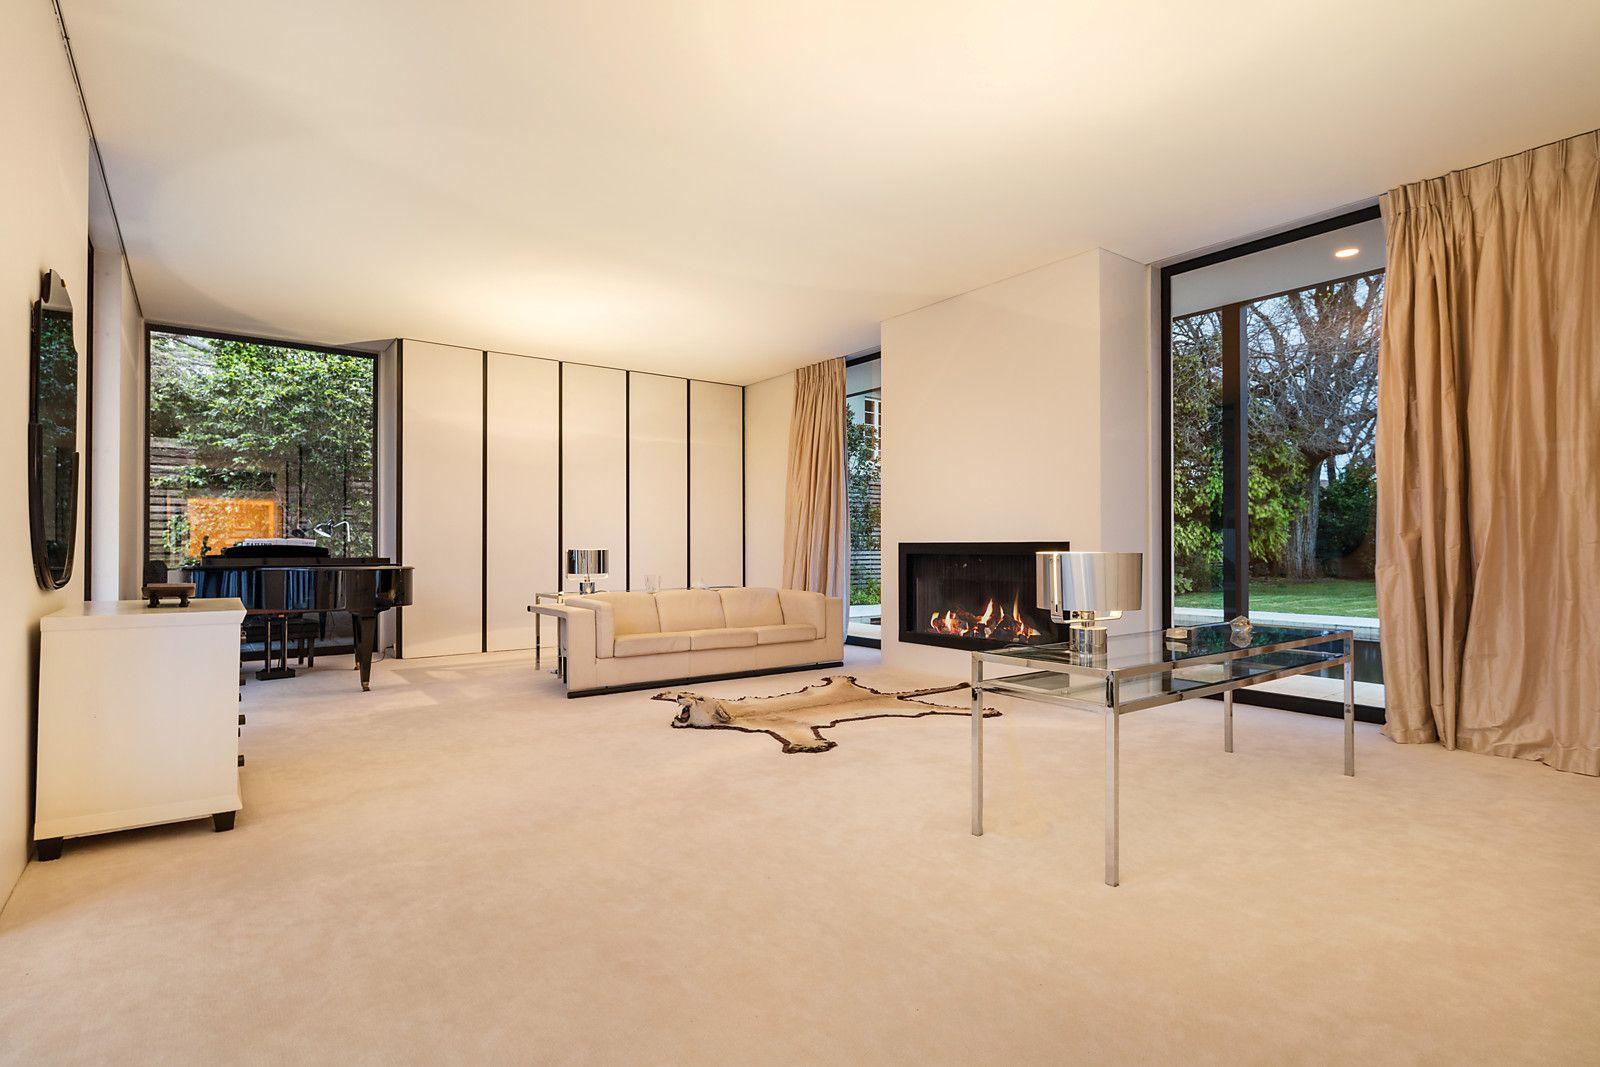 Seccull house 32 north rd brighton vic modernist australia interior colorsmodern